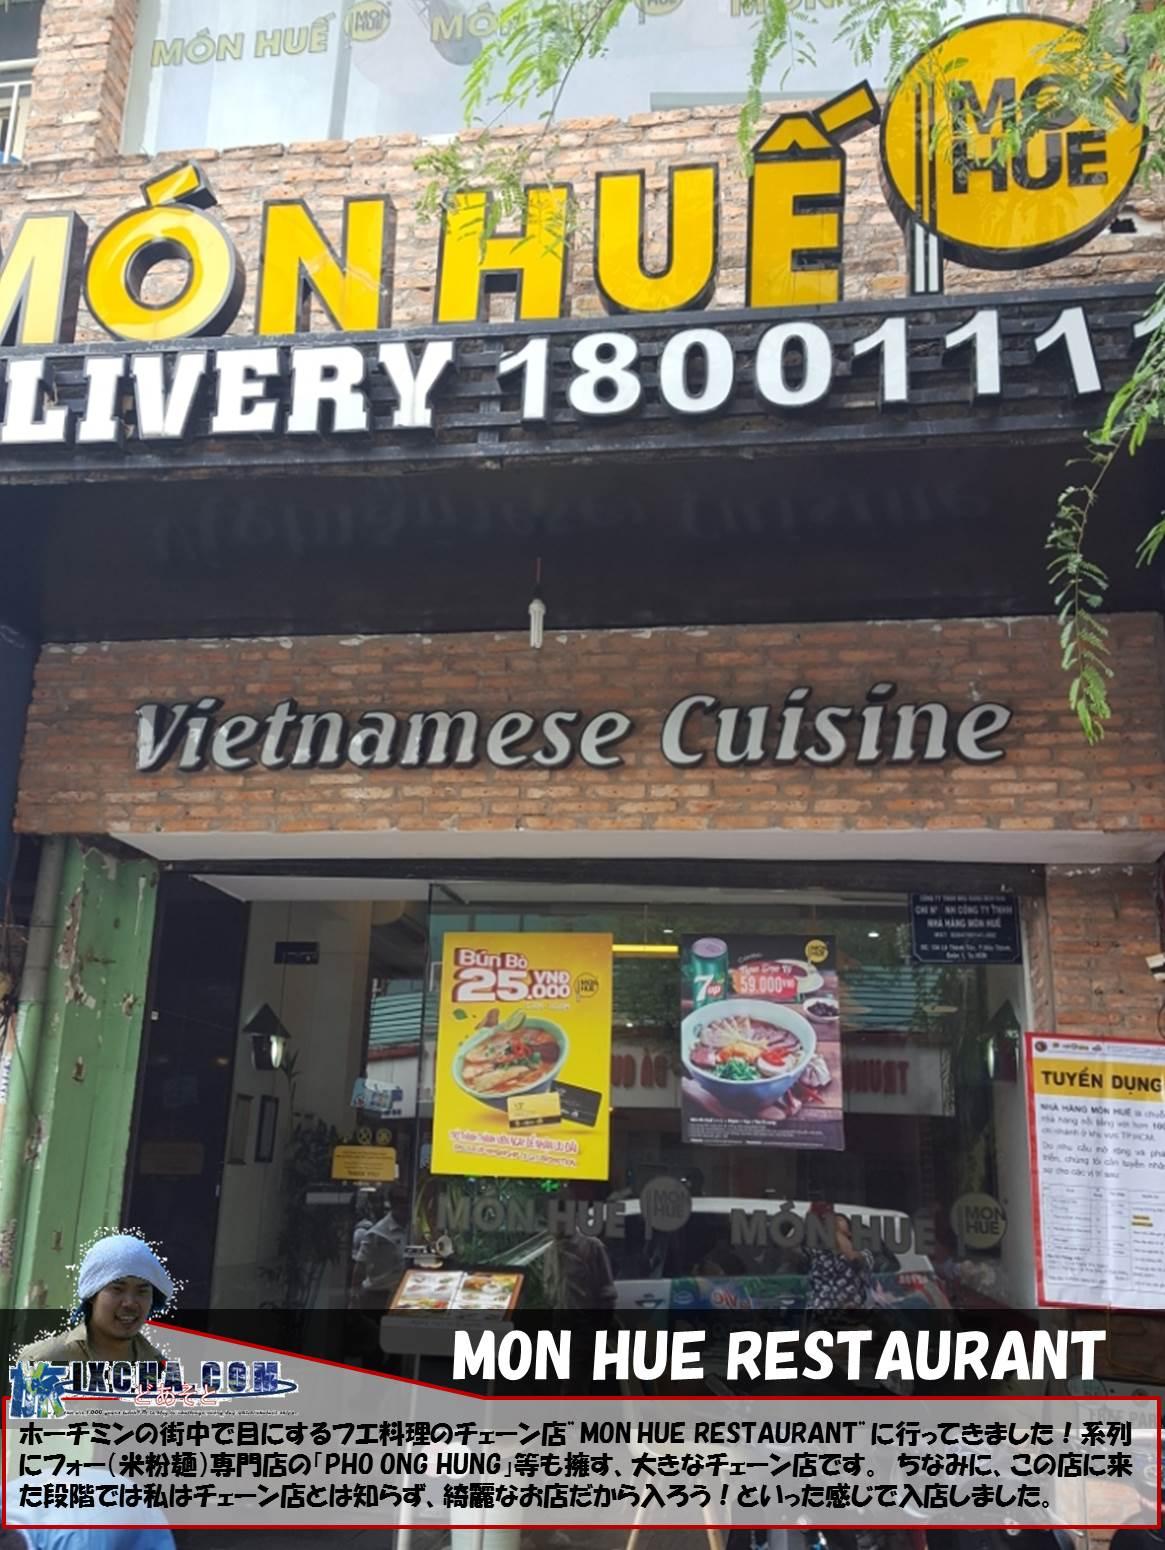 """MON HUE RESTAURANT ホーチミンの街中で目にするフエ料理のチェーン店""""MON HUE RESTAURANT""""に行ってきました!系列にフォー(米粉麺)専門店の「PHO ONG HUNG」等も擁す、大きなチェーン店です。 ちなみに、この店に来た段階では私はチェーン店とは知らず、綺麗なお店だから入ろう!といった感じで入店しました。"""